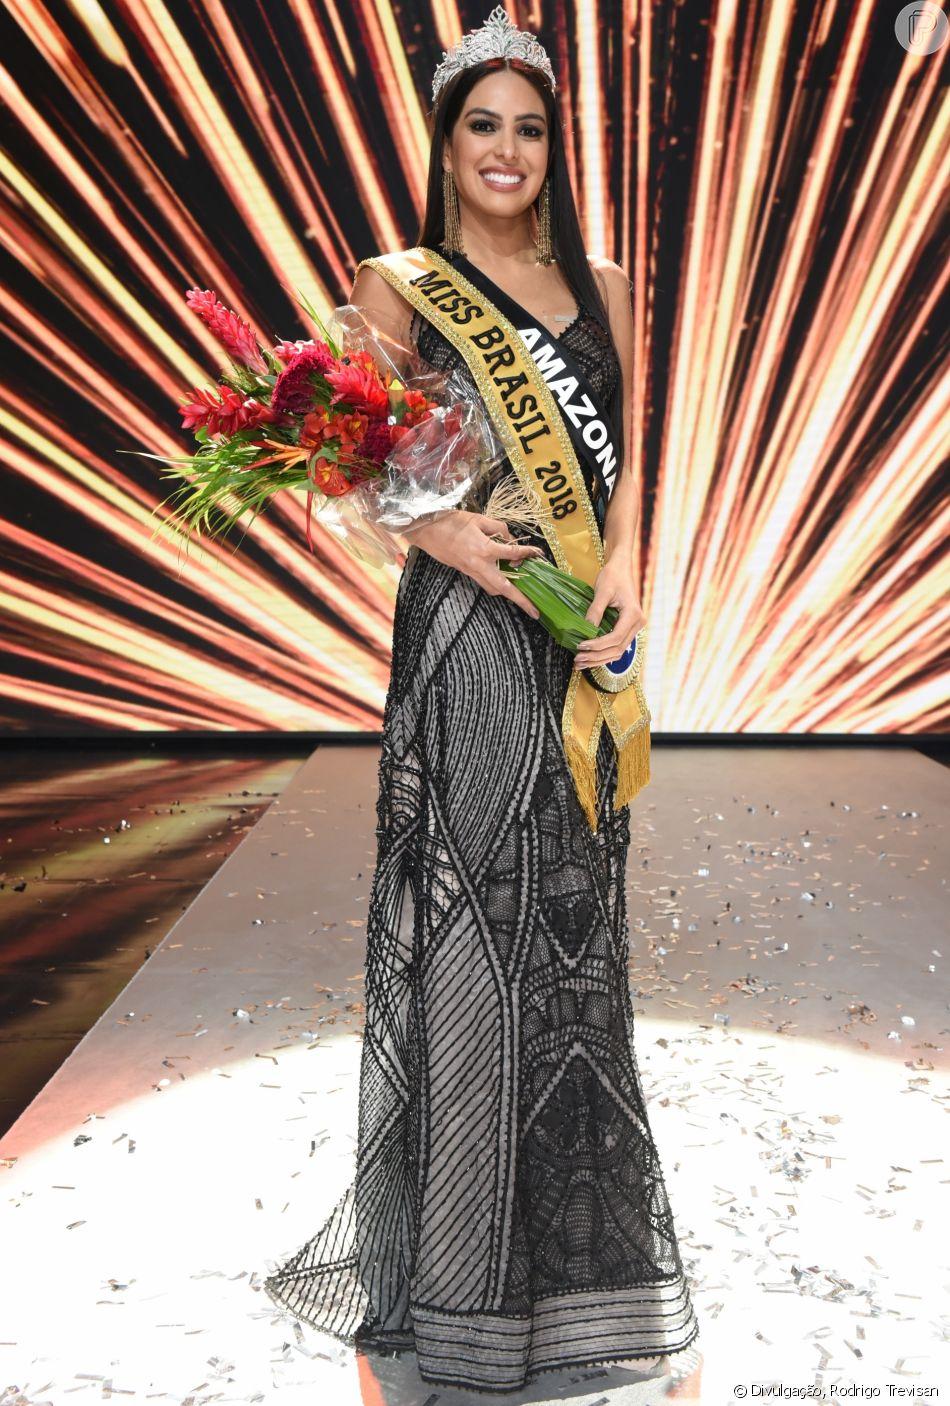 Mayra Dias, nova Miss Brasil, passou por seis concursos antes de receber a coroa neste sábado, 26 de maio de 2018